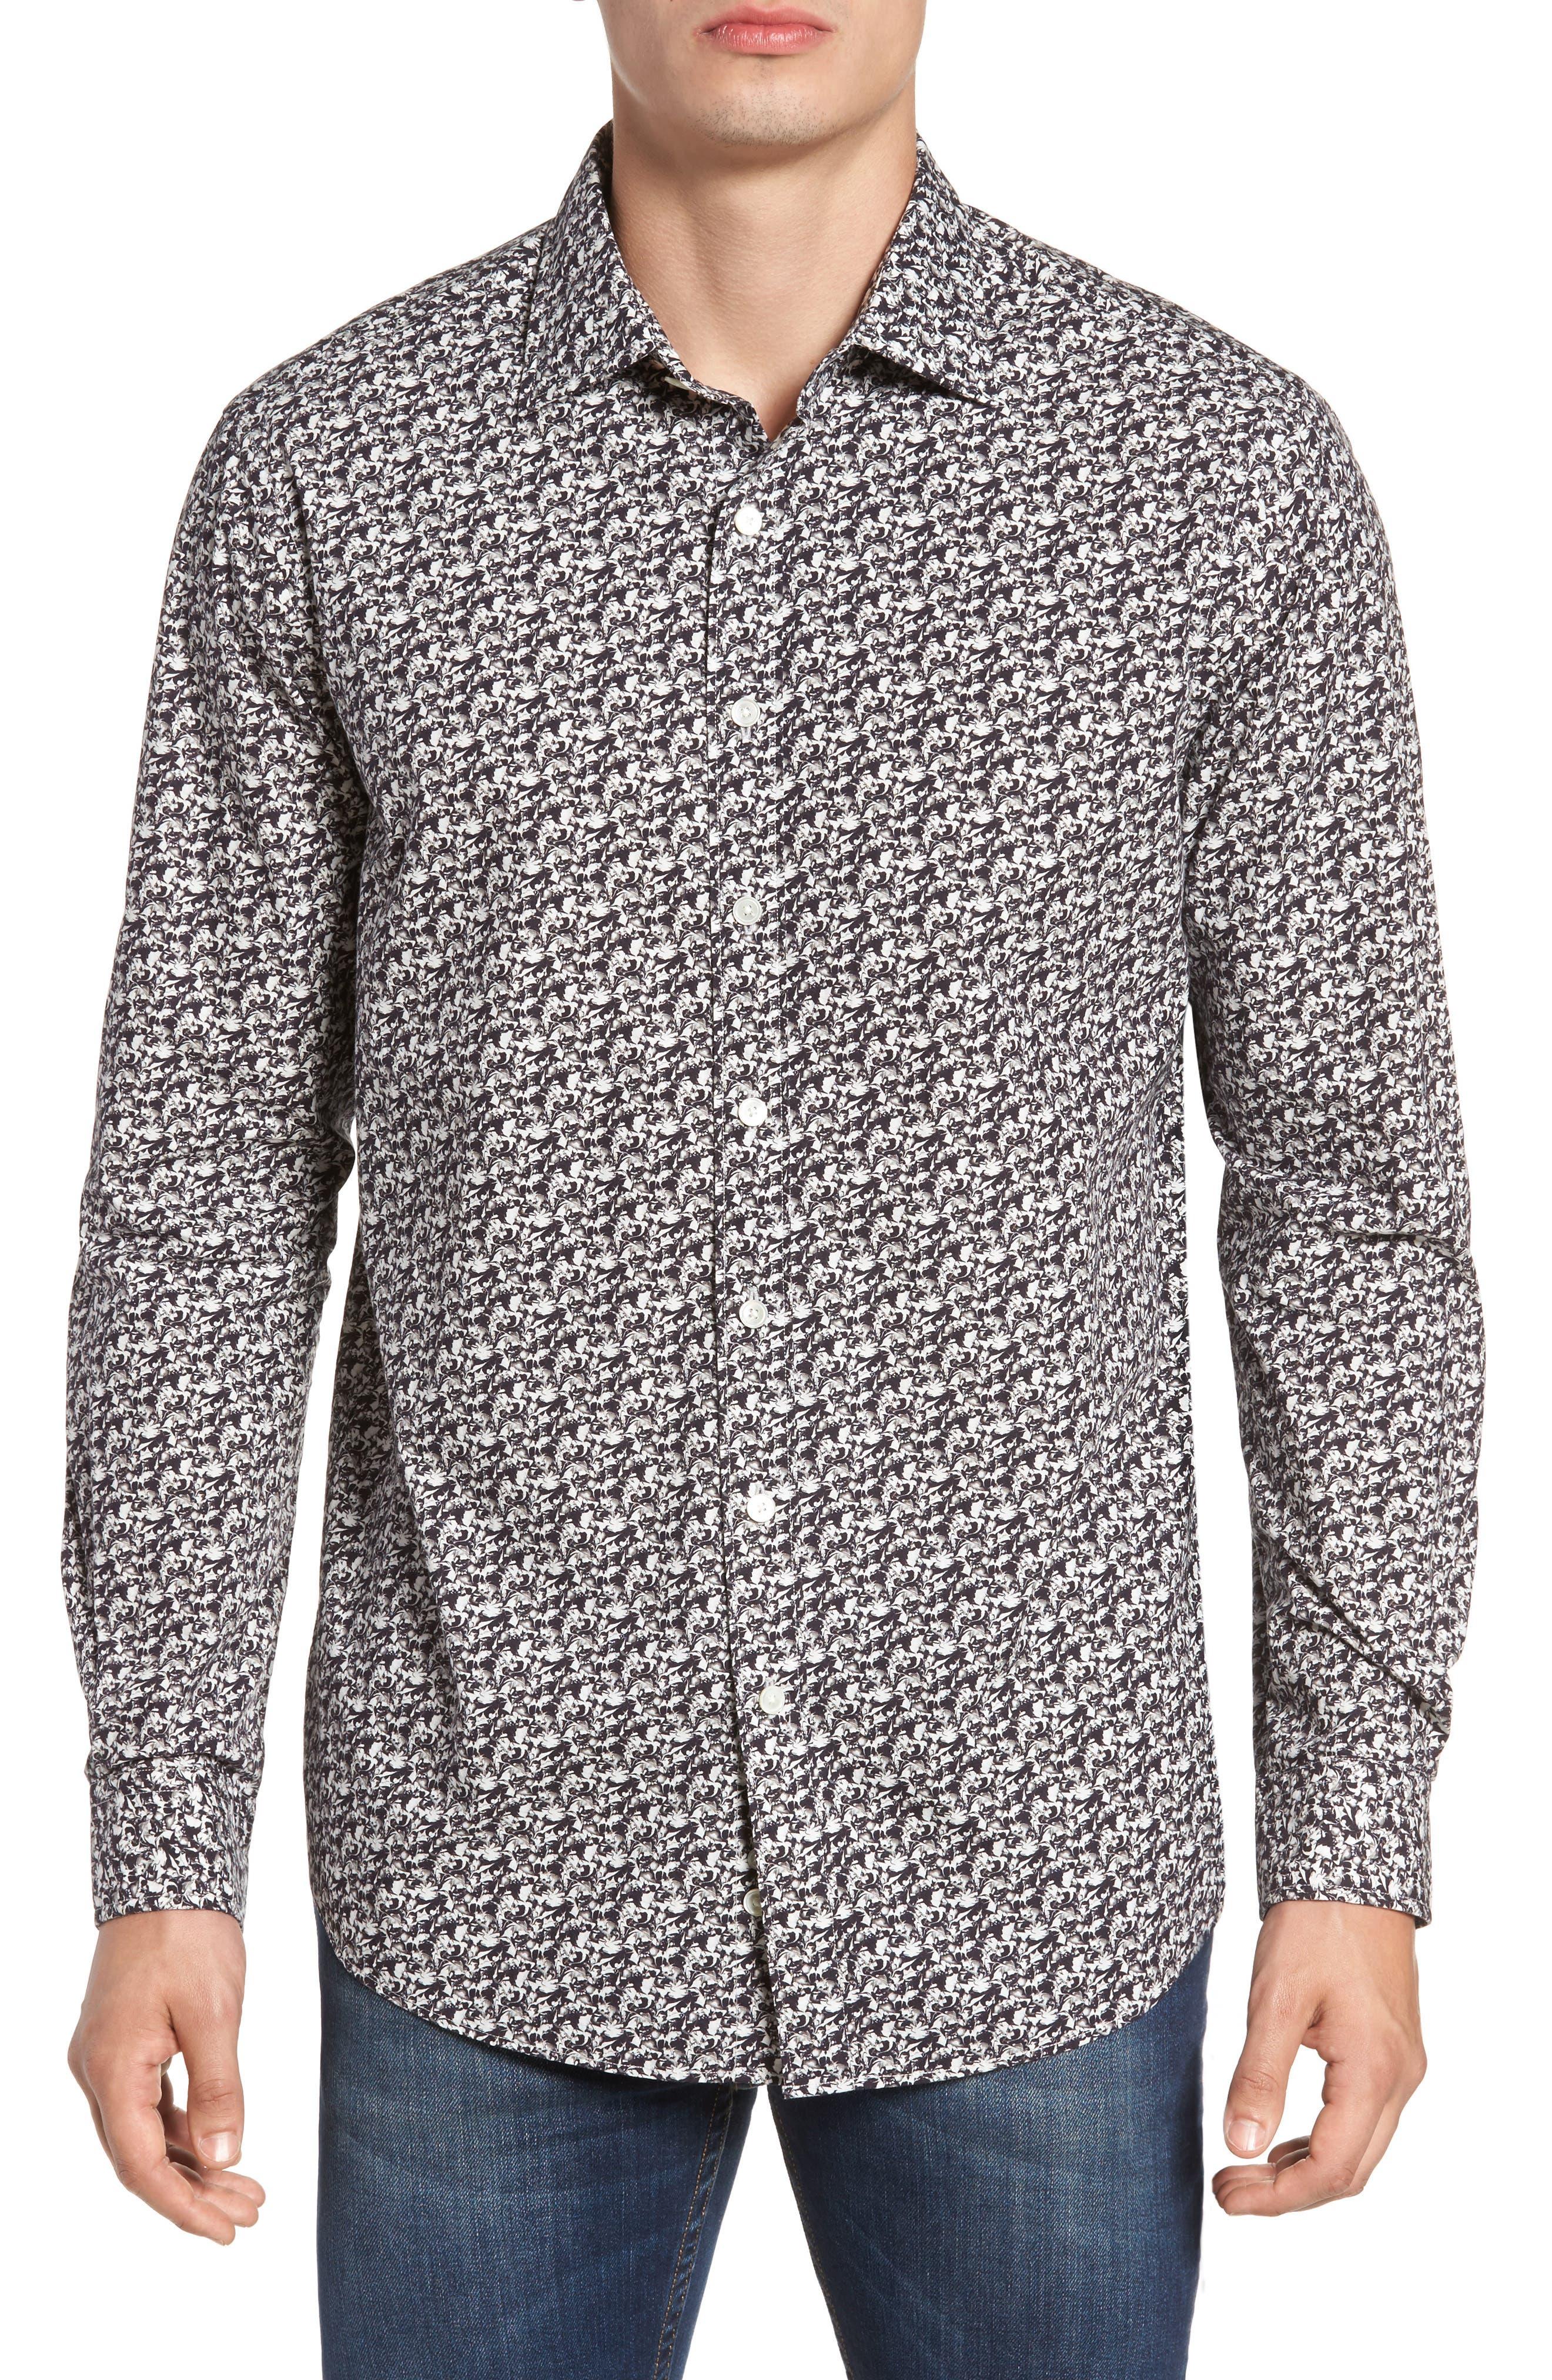 Alternate Image 1 Selected - Rodd & Gunn Bucklands Beach Print Sport Shirt